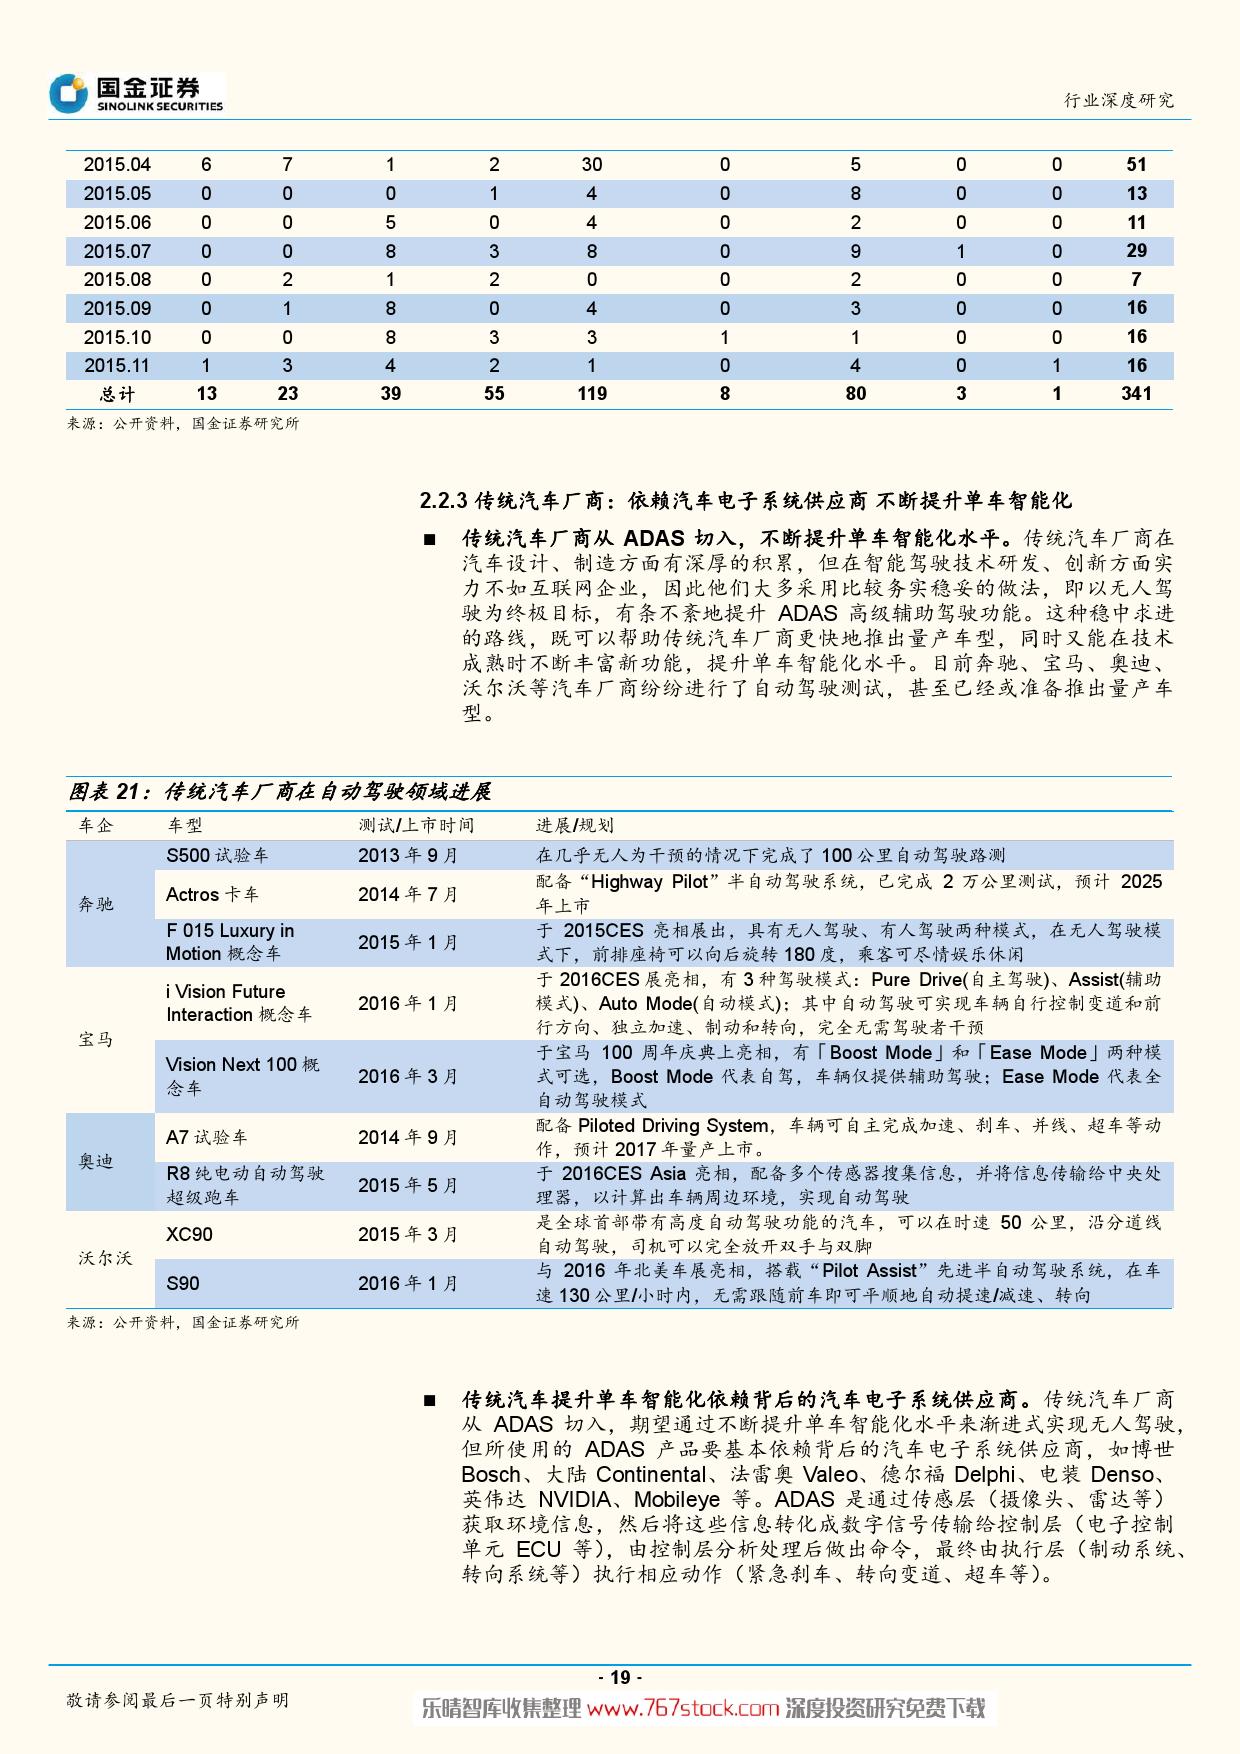 特斯拉产业系列深度报告-智能驾驶爆发在即_000019